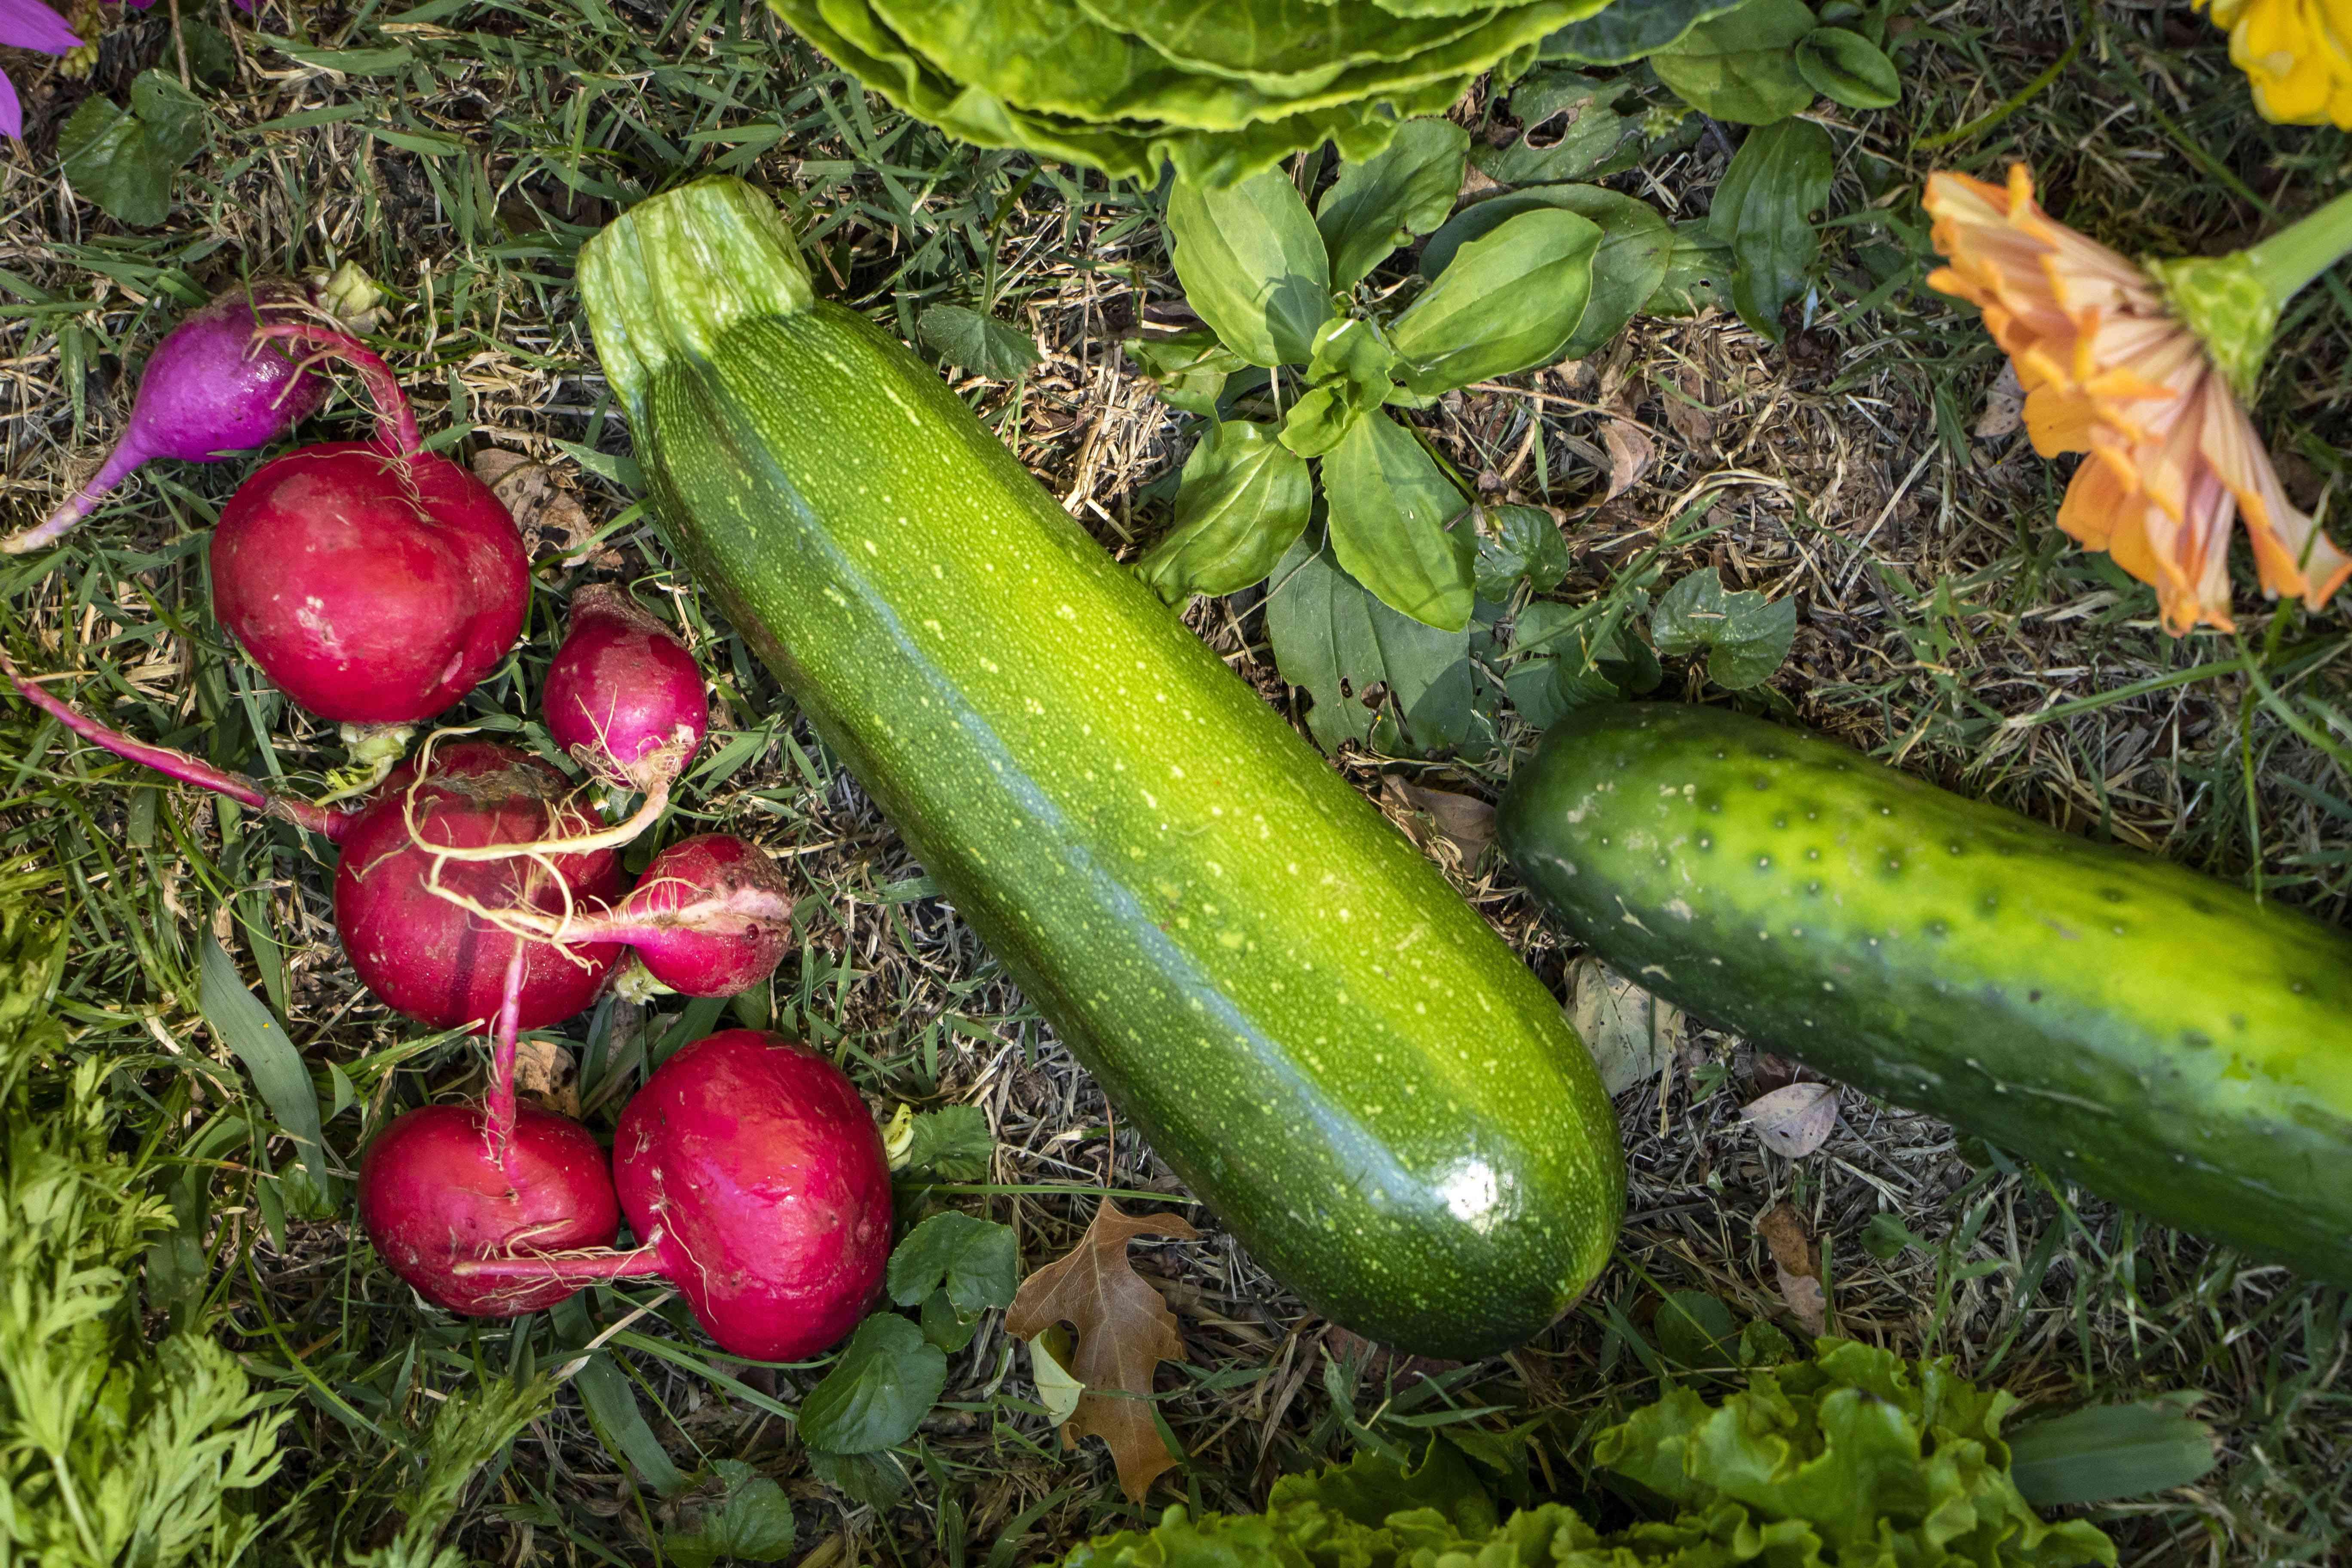 radishes and zucchinis on ground